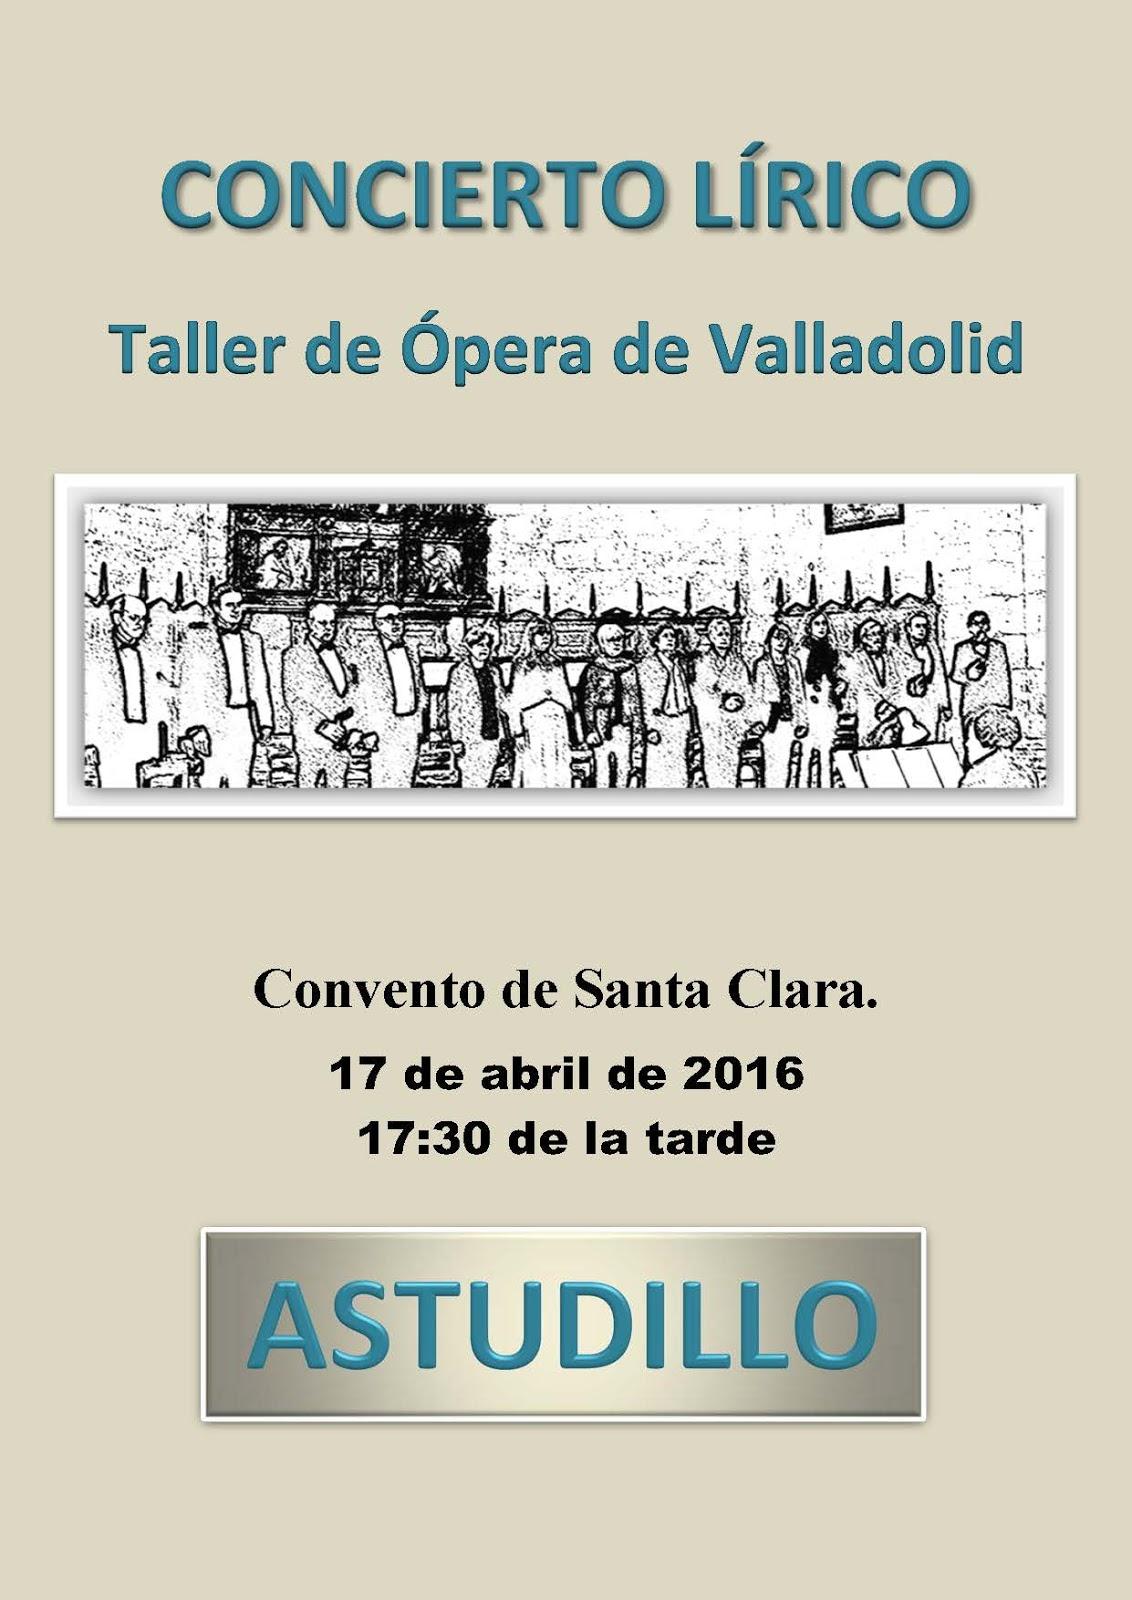 Turismo astudillo concierto taller de pera de valladolid for Oficina de turismo de valladolid